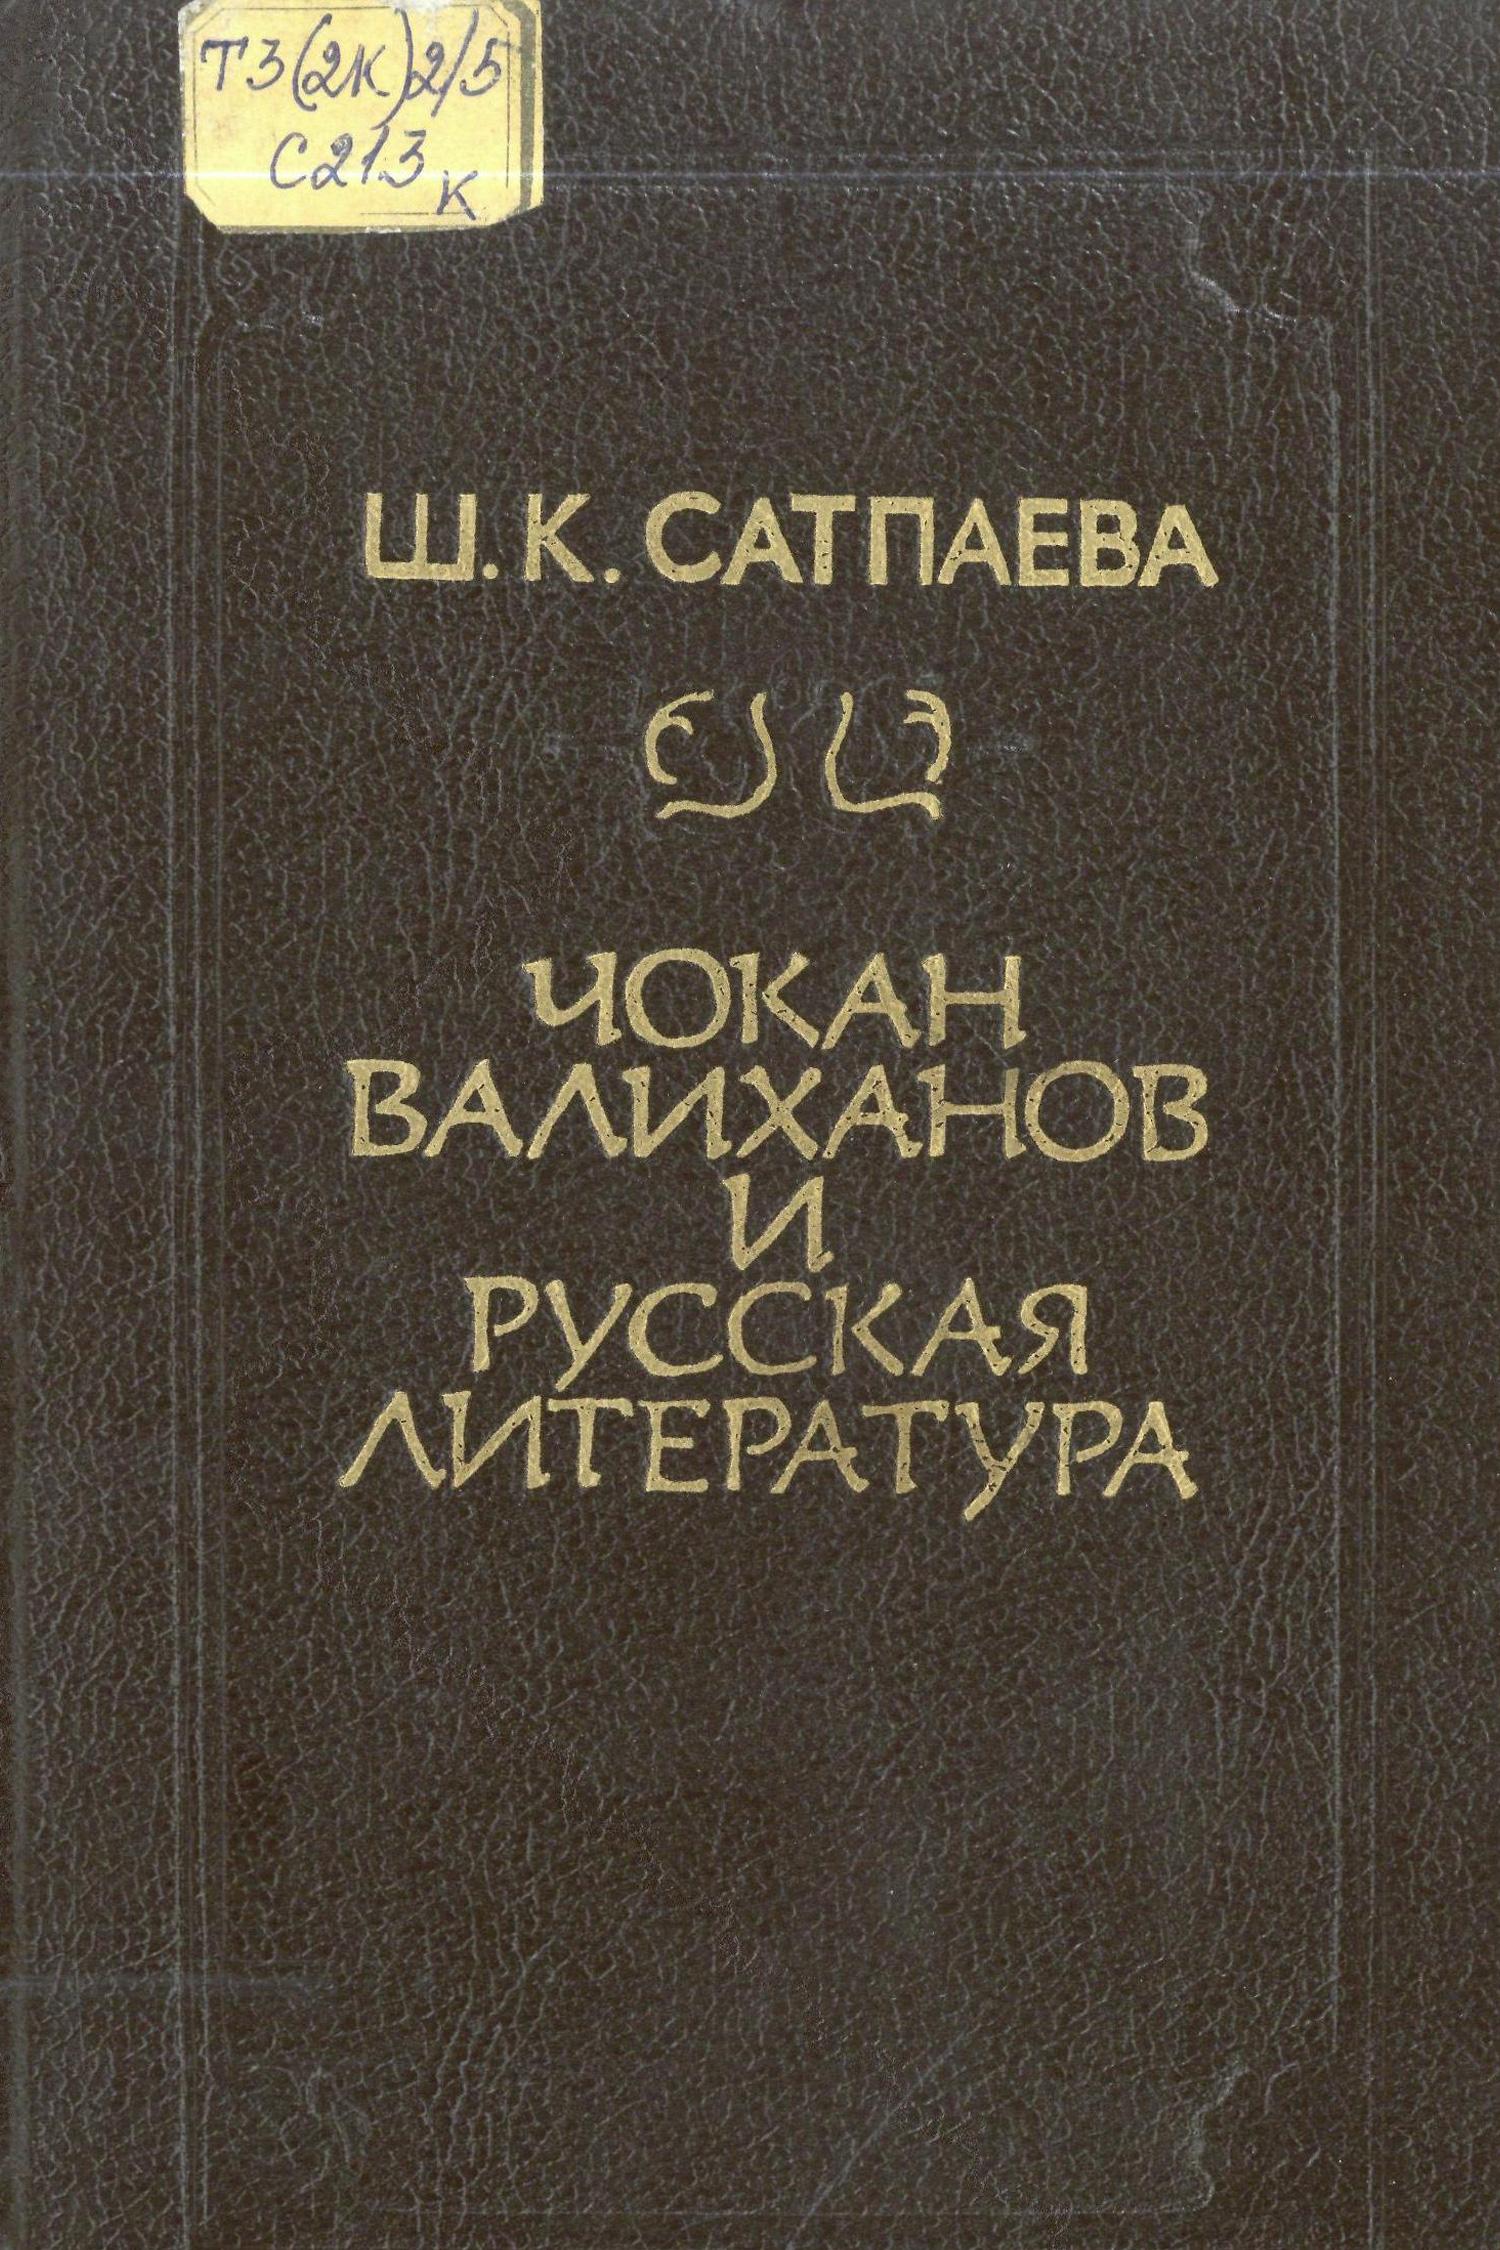 Ш.К.Сатпаева. Чокан Валиханов и русская литература